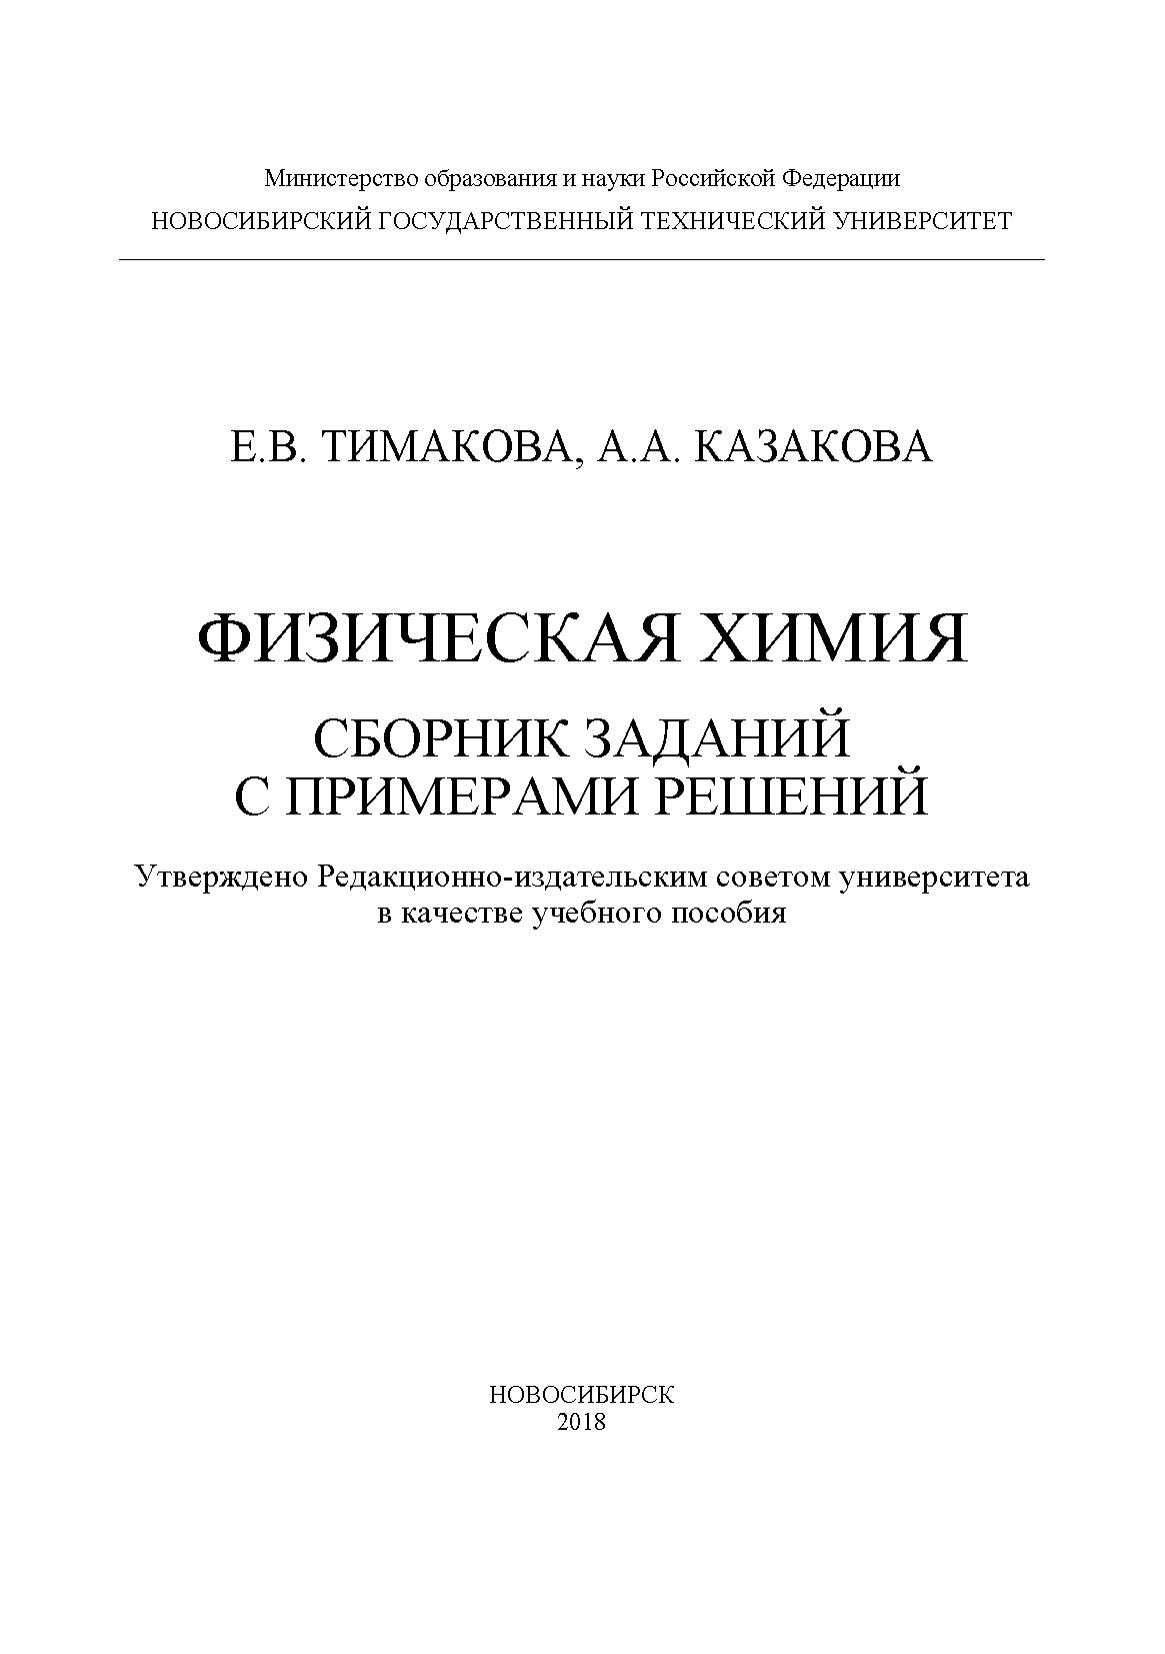 А. А. Казакова Физическая химия. Сборник заданий с примерами решений